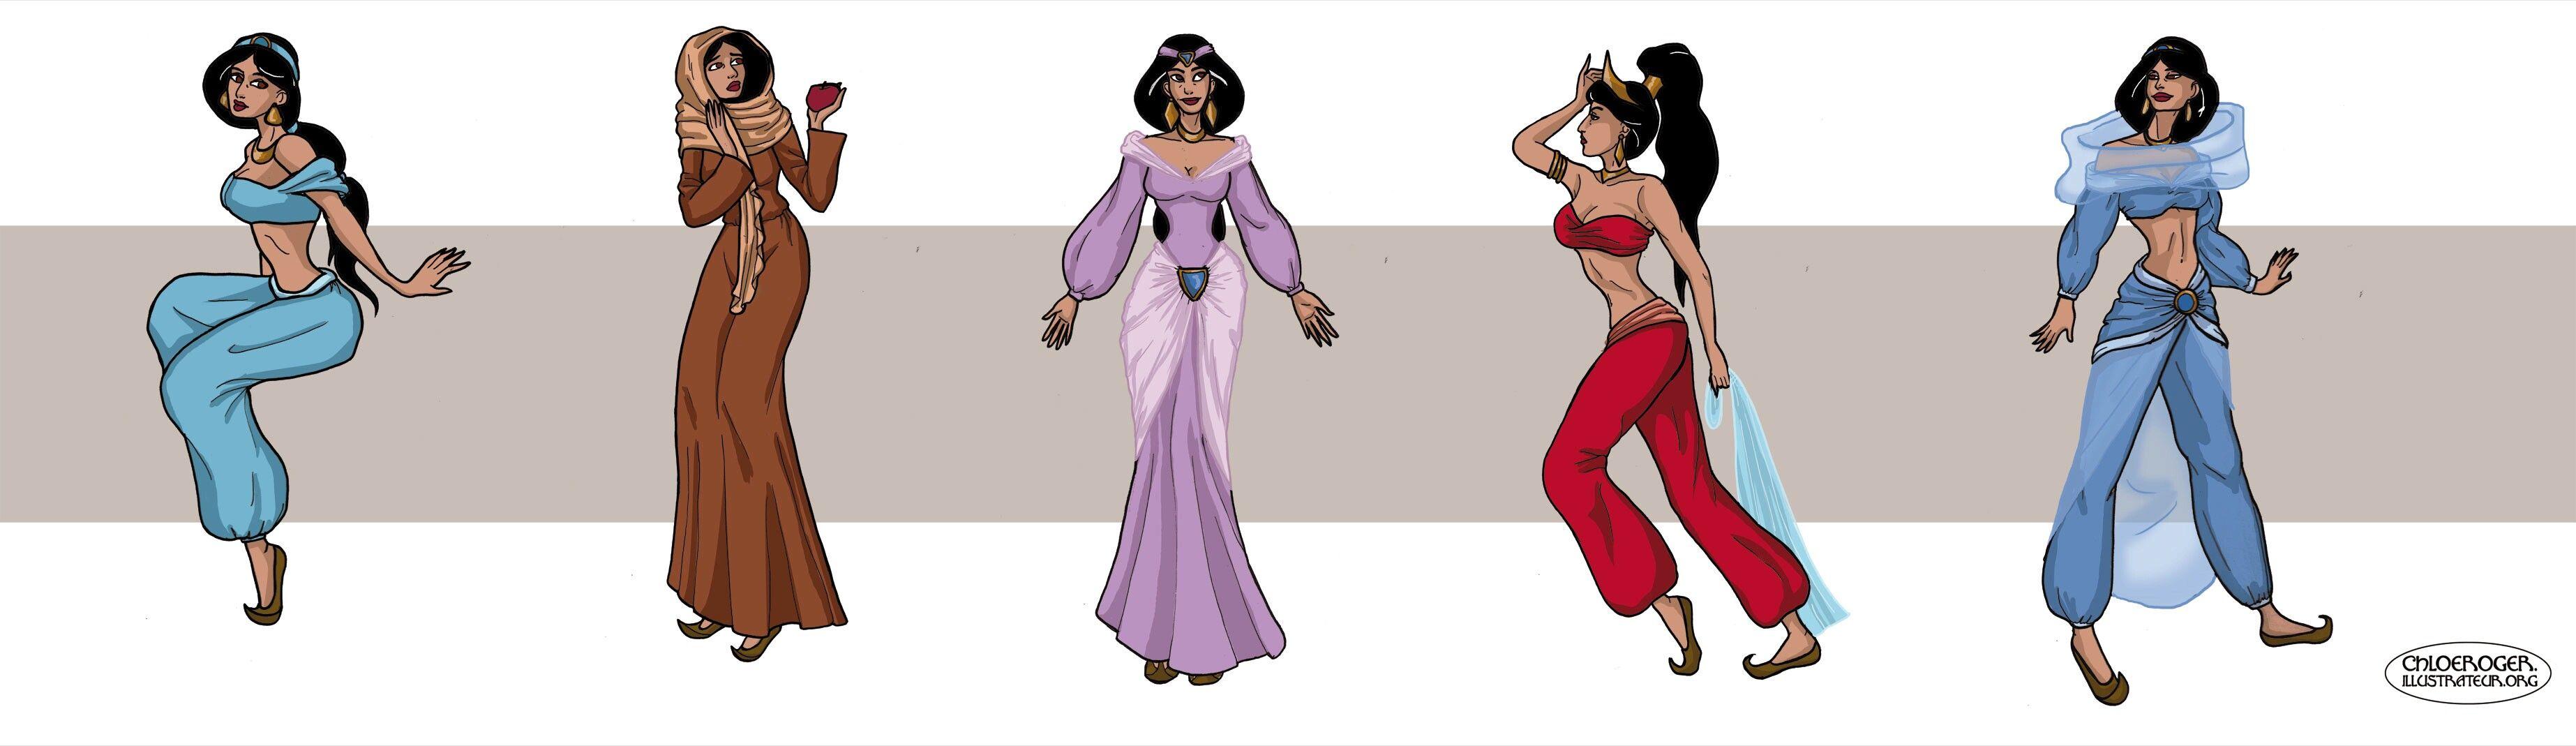 Jasmine clothes changes by lataupinette deviantart aladdin